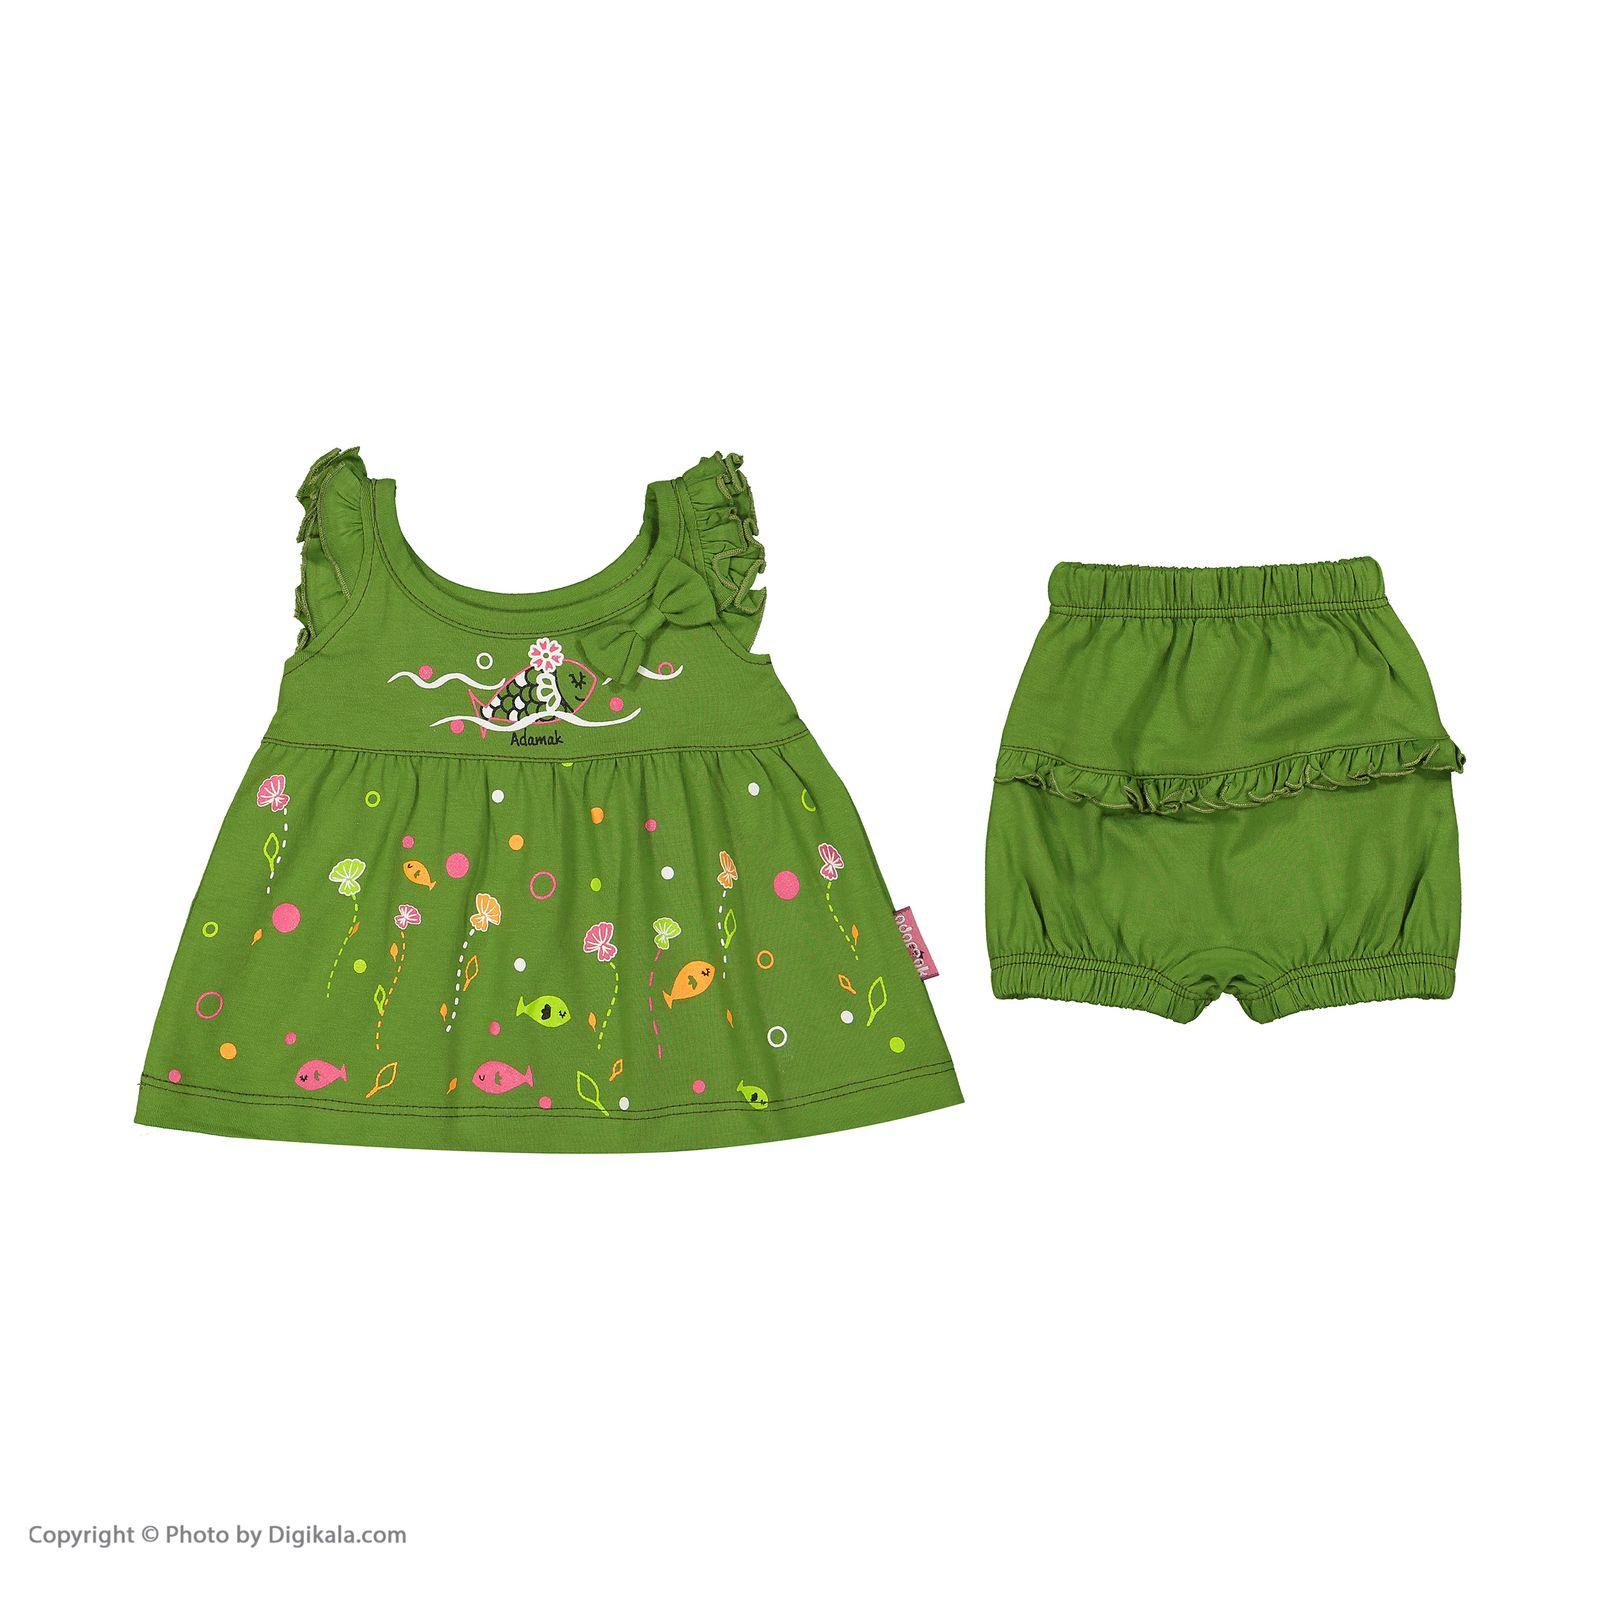 ست پیراهن و شورت نوزادی دخترانه مدل 2171111-42 -  - 3